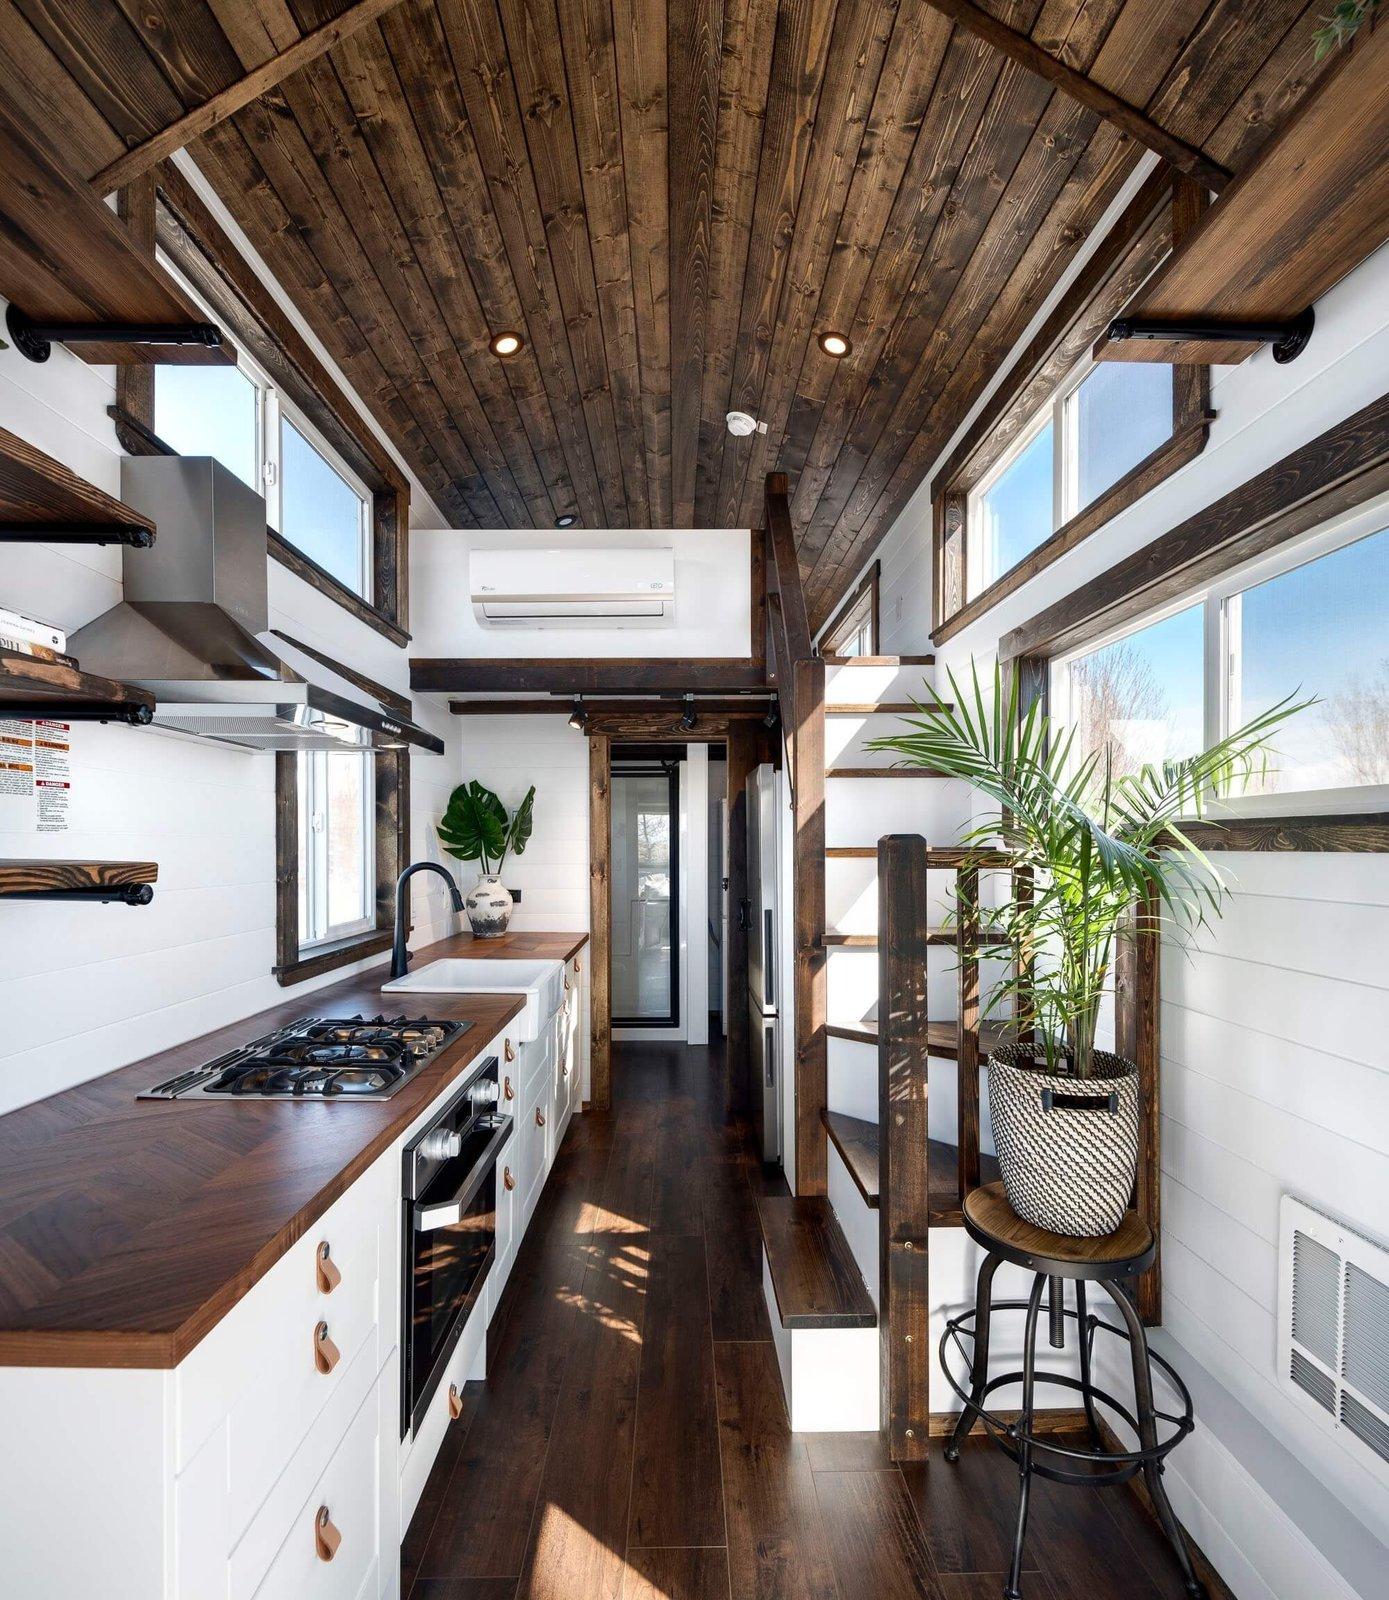 Mint Tiny House Company interior